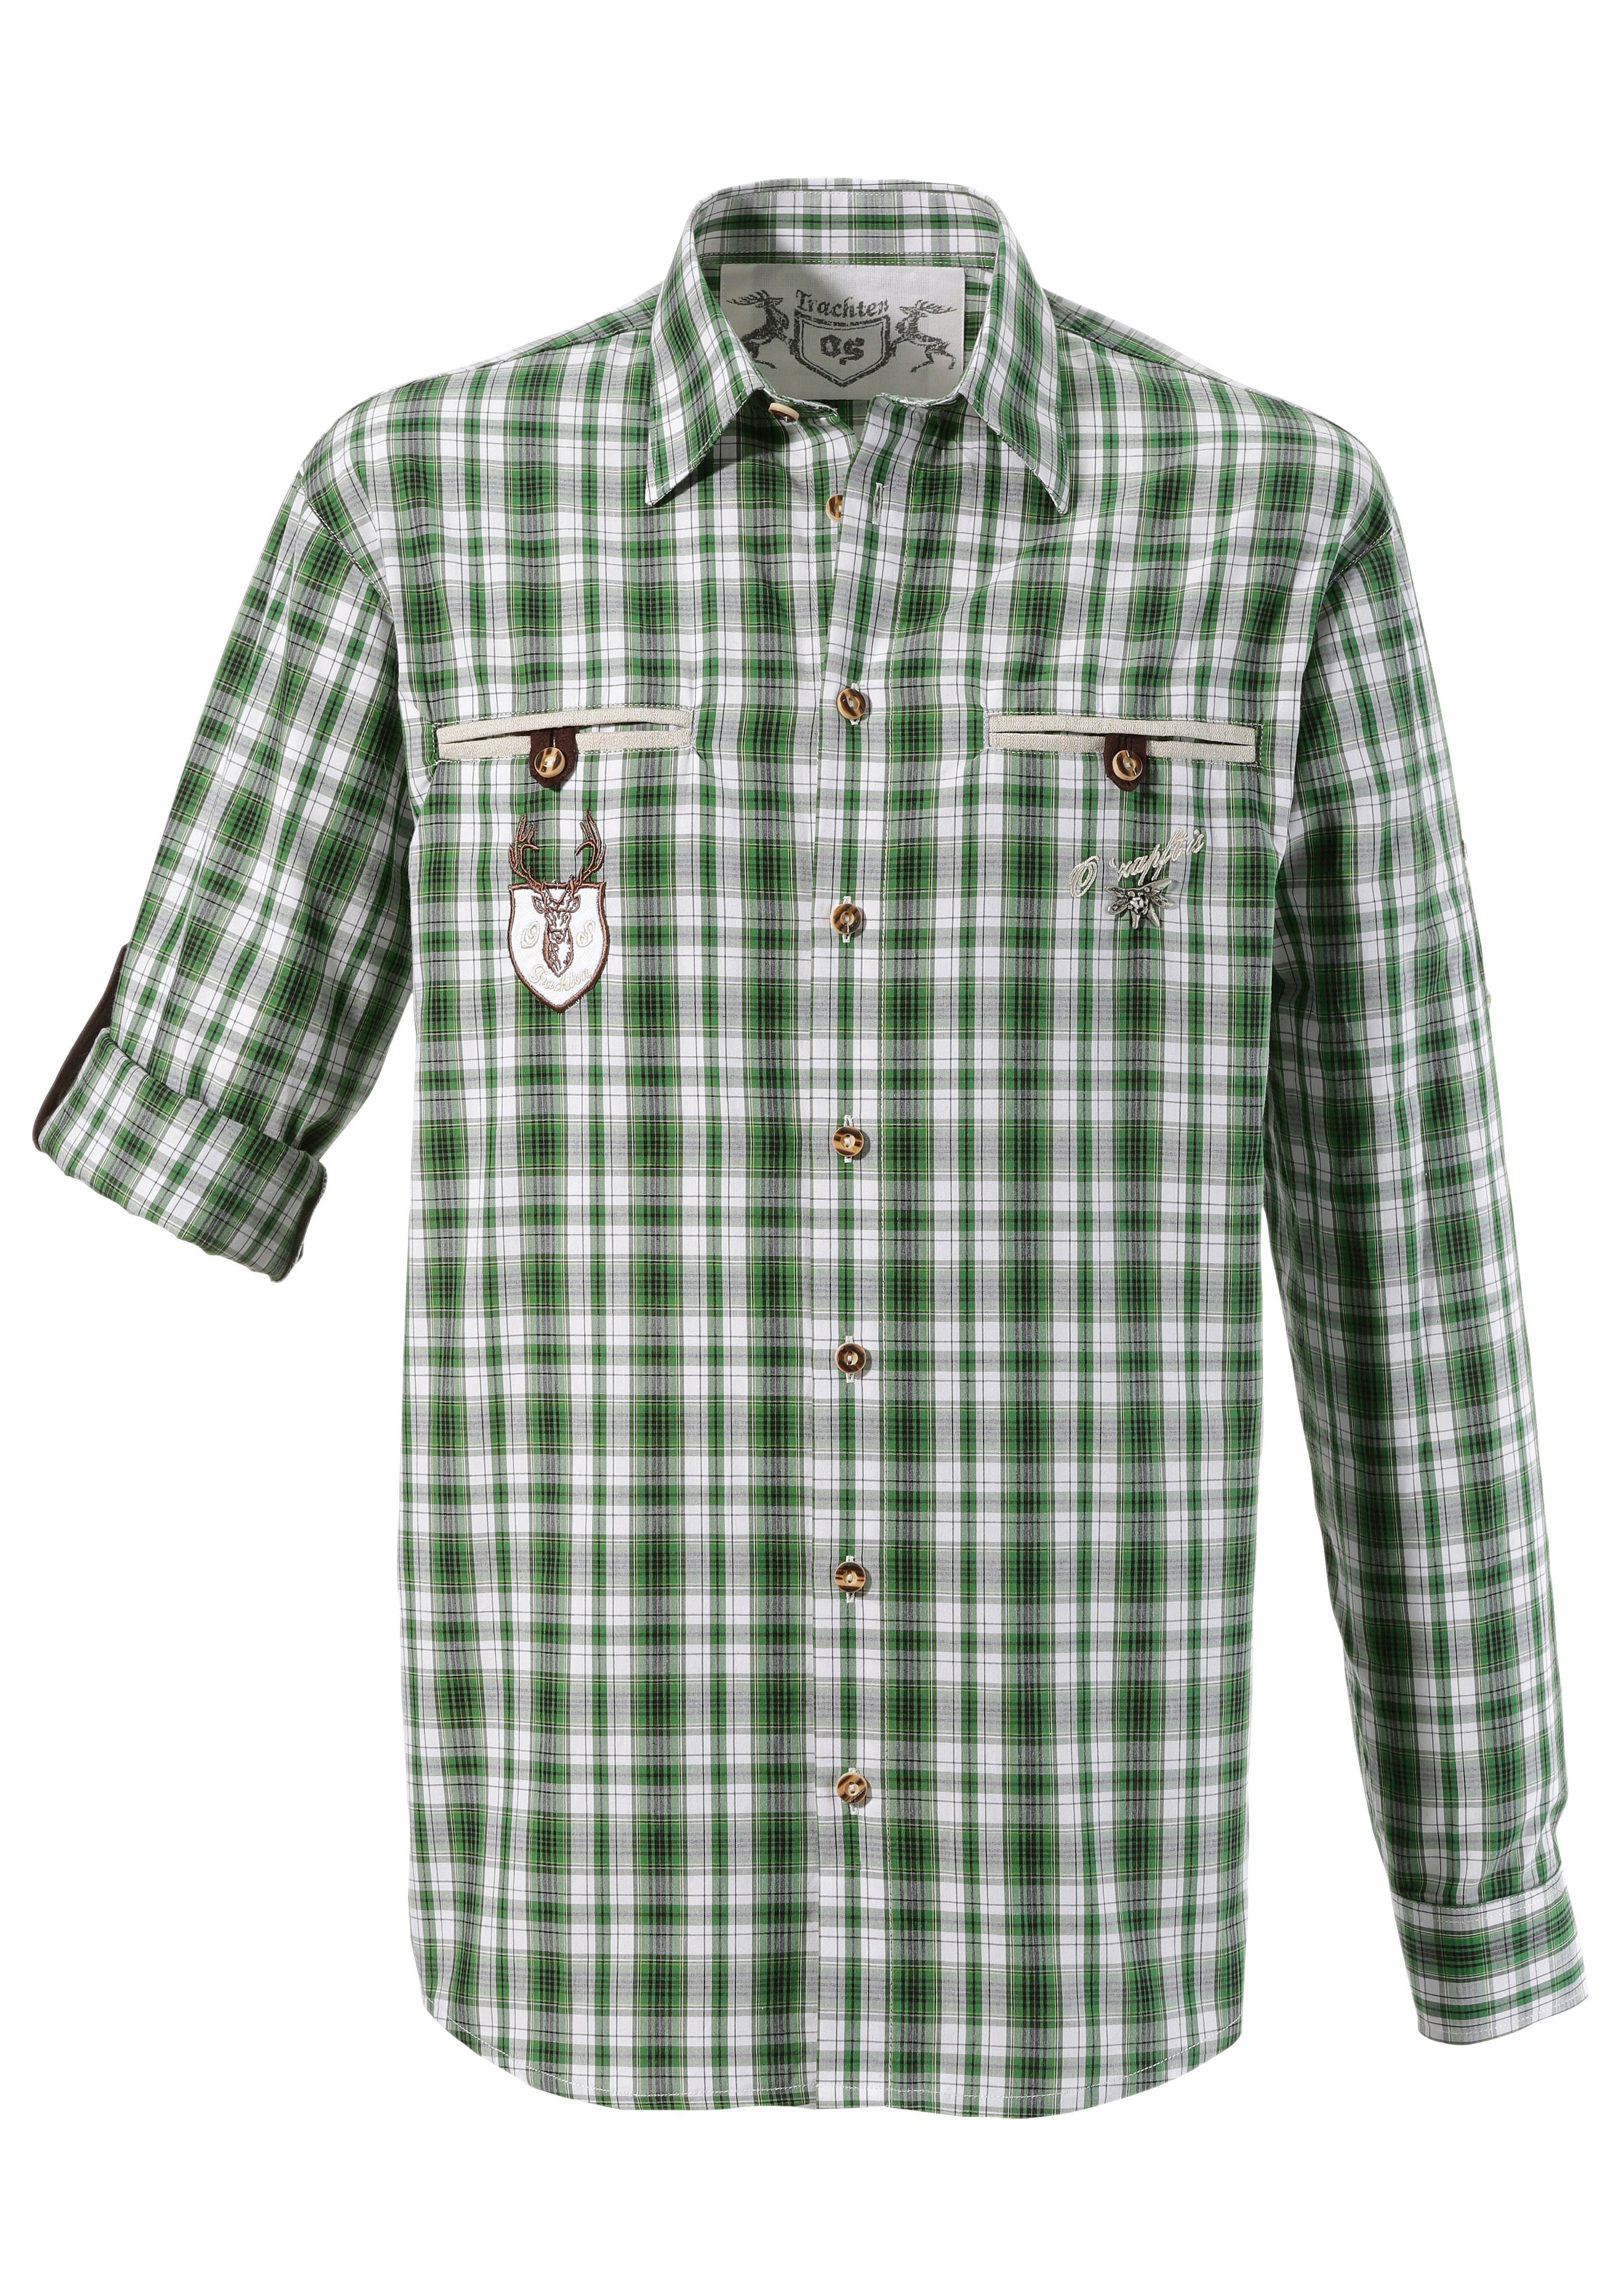 OS-Trachten Trachtenhemd mit Krempelärmel | Bekleidung > Hemden > Trachtenhemden | Grün | Os-Trachten